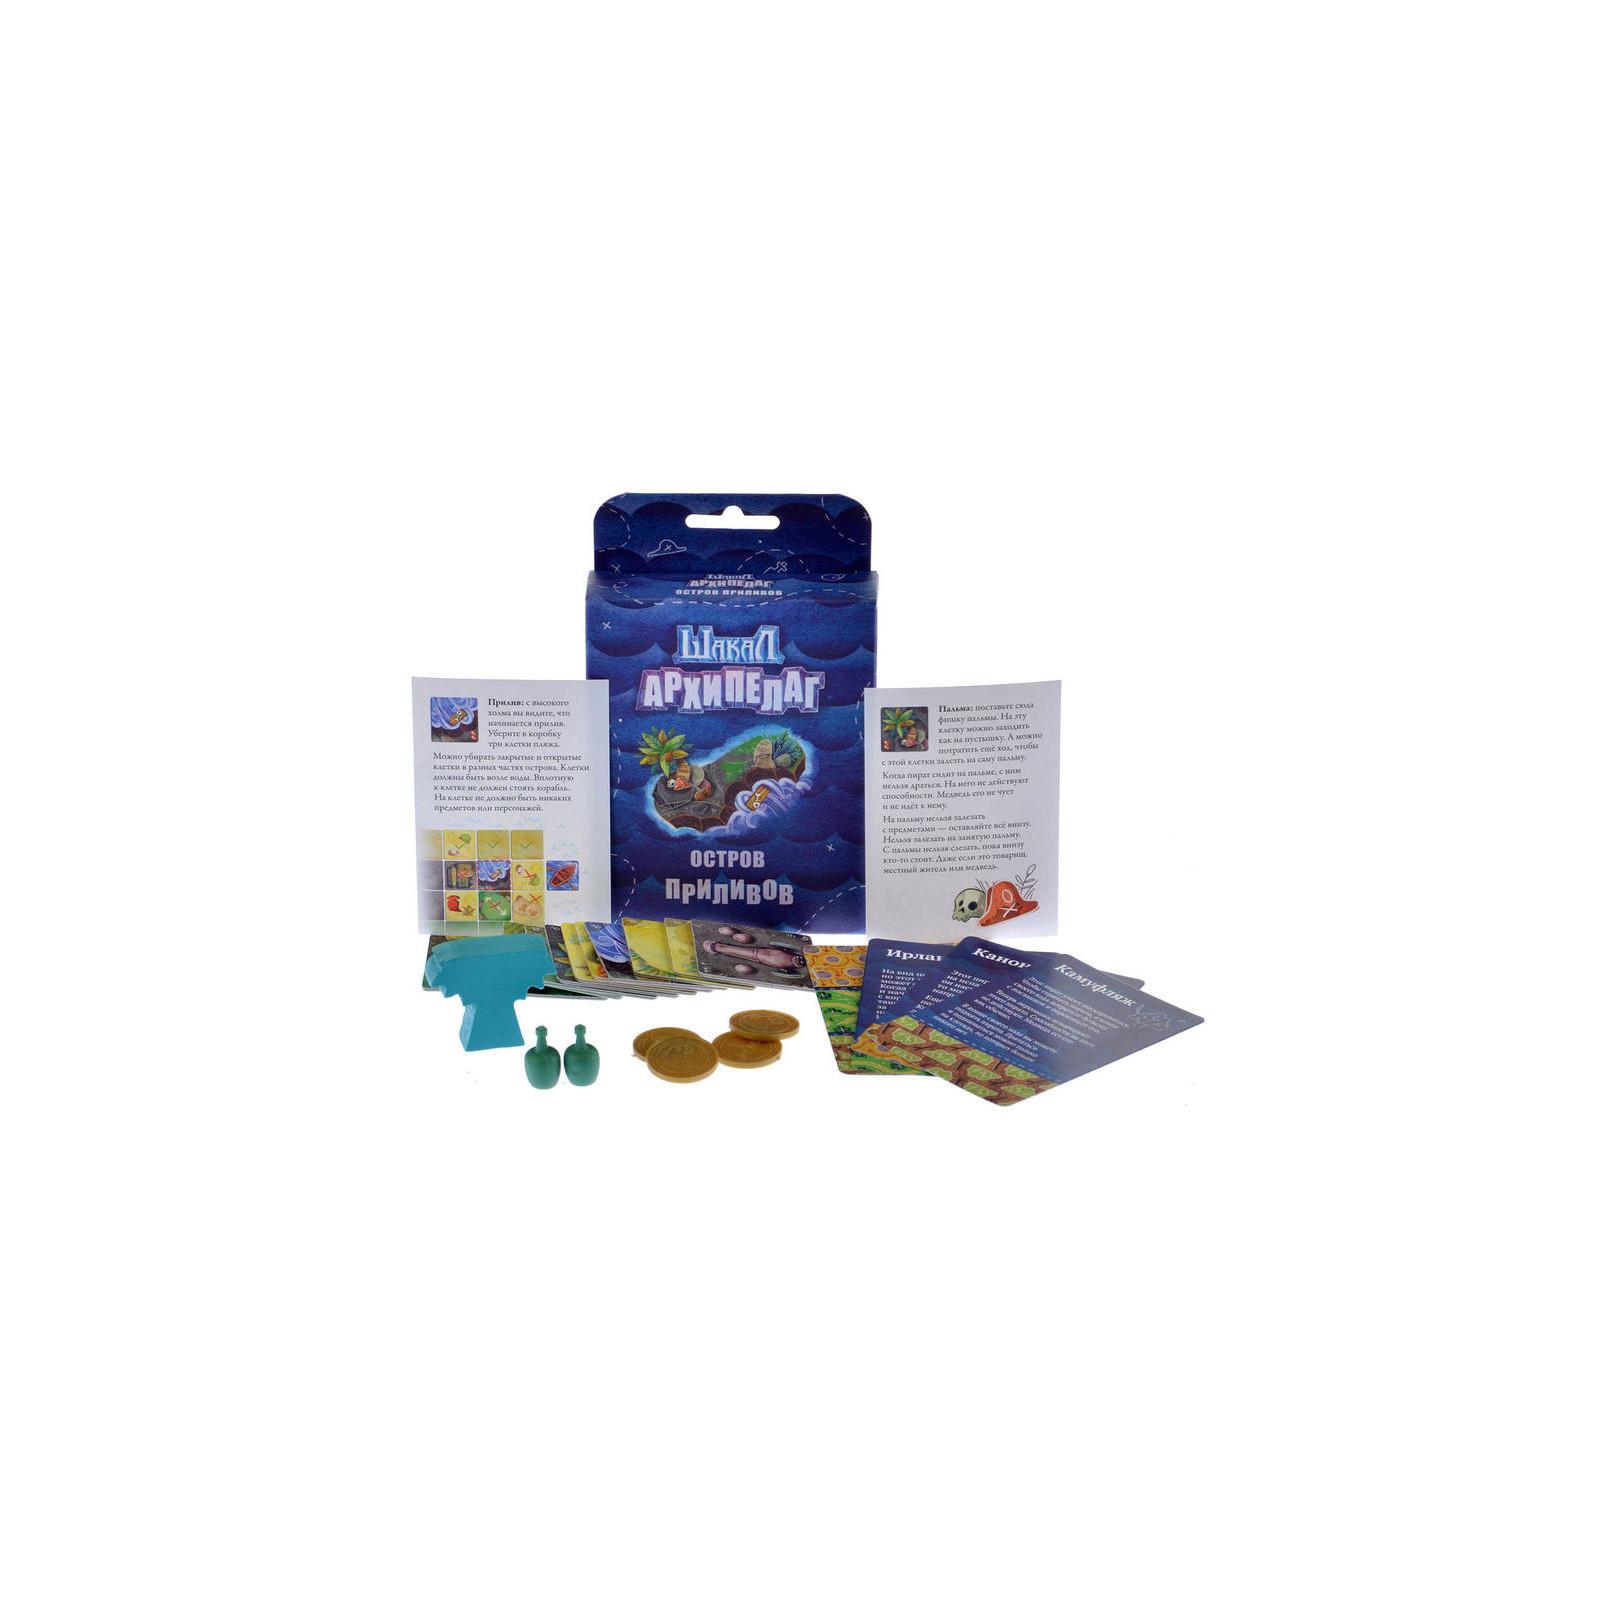 Настольная игра Magellan Шакал. Архипелаг. остров приливов (MAG116367) изображение 2